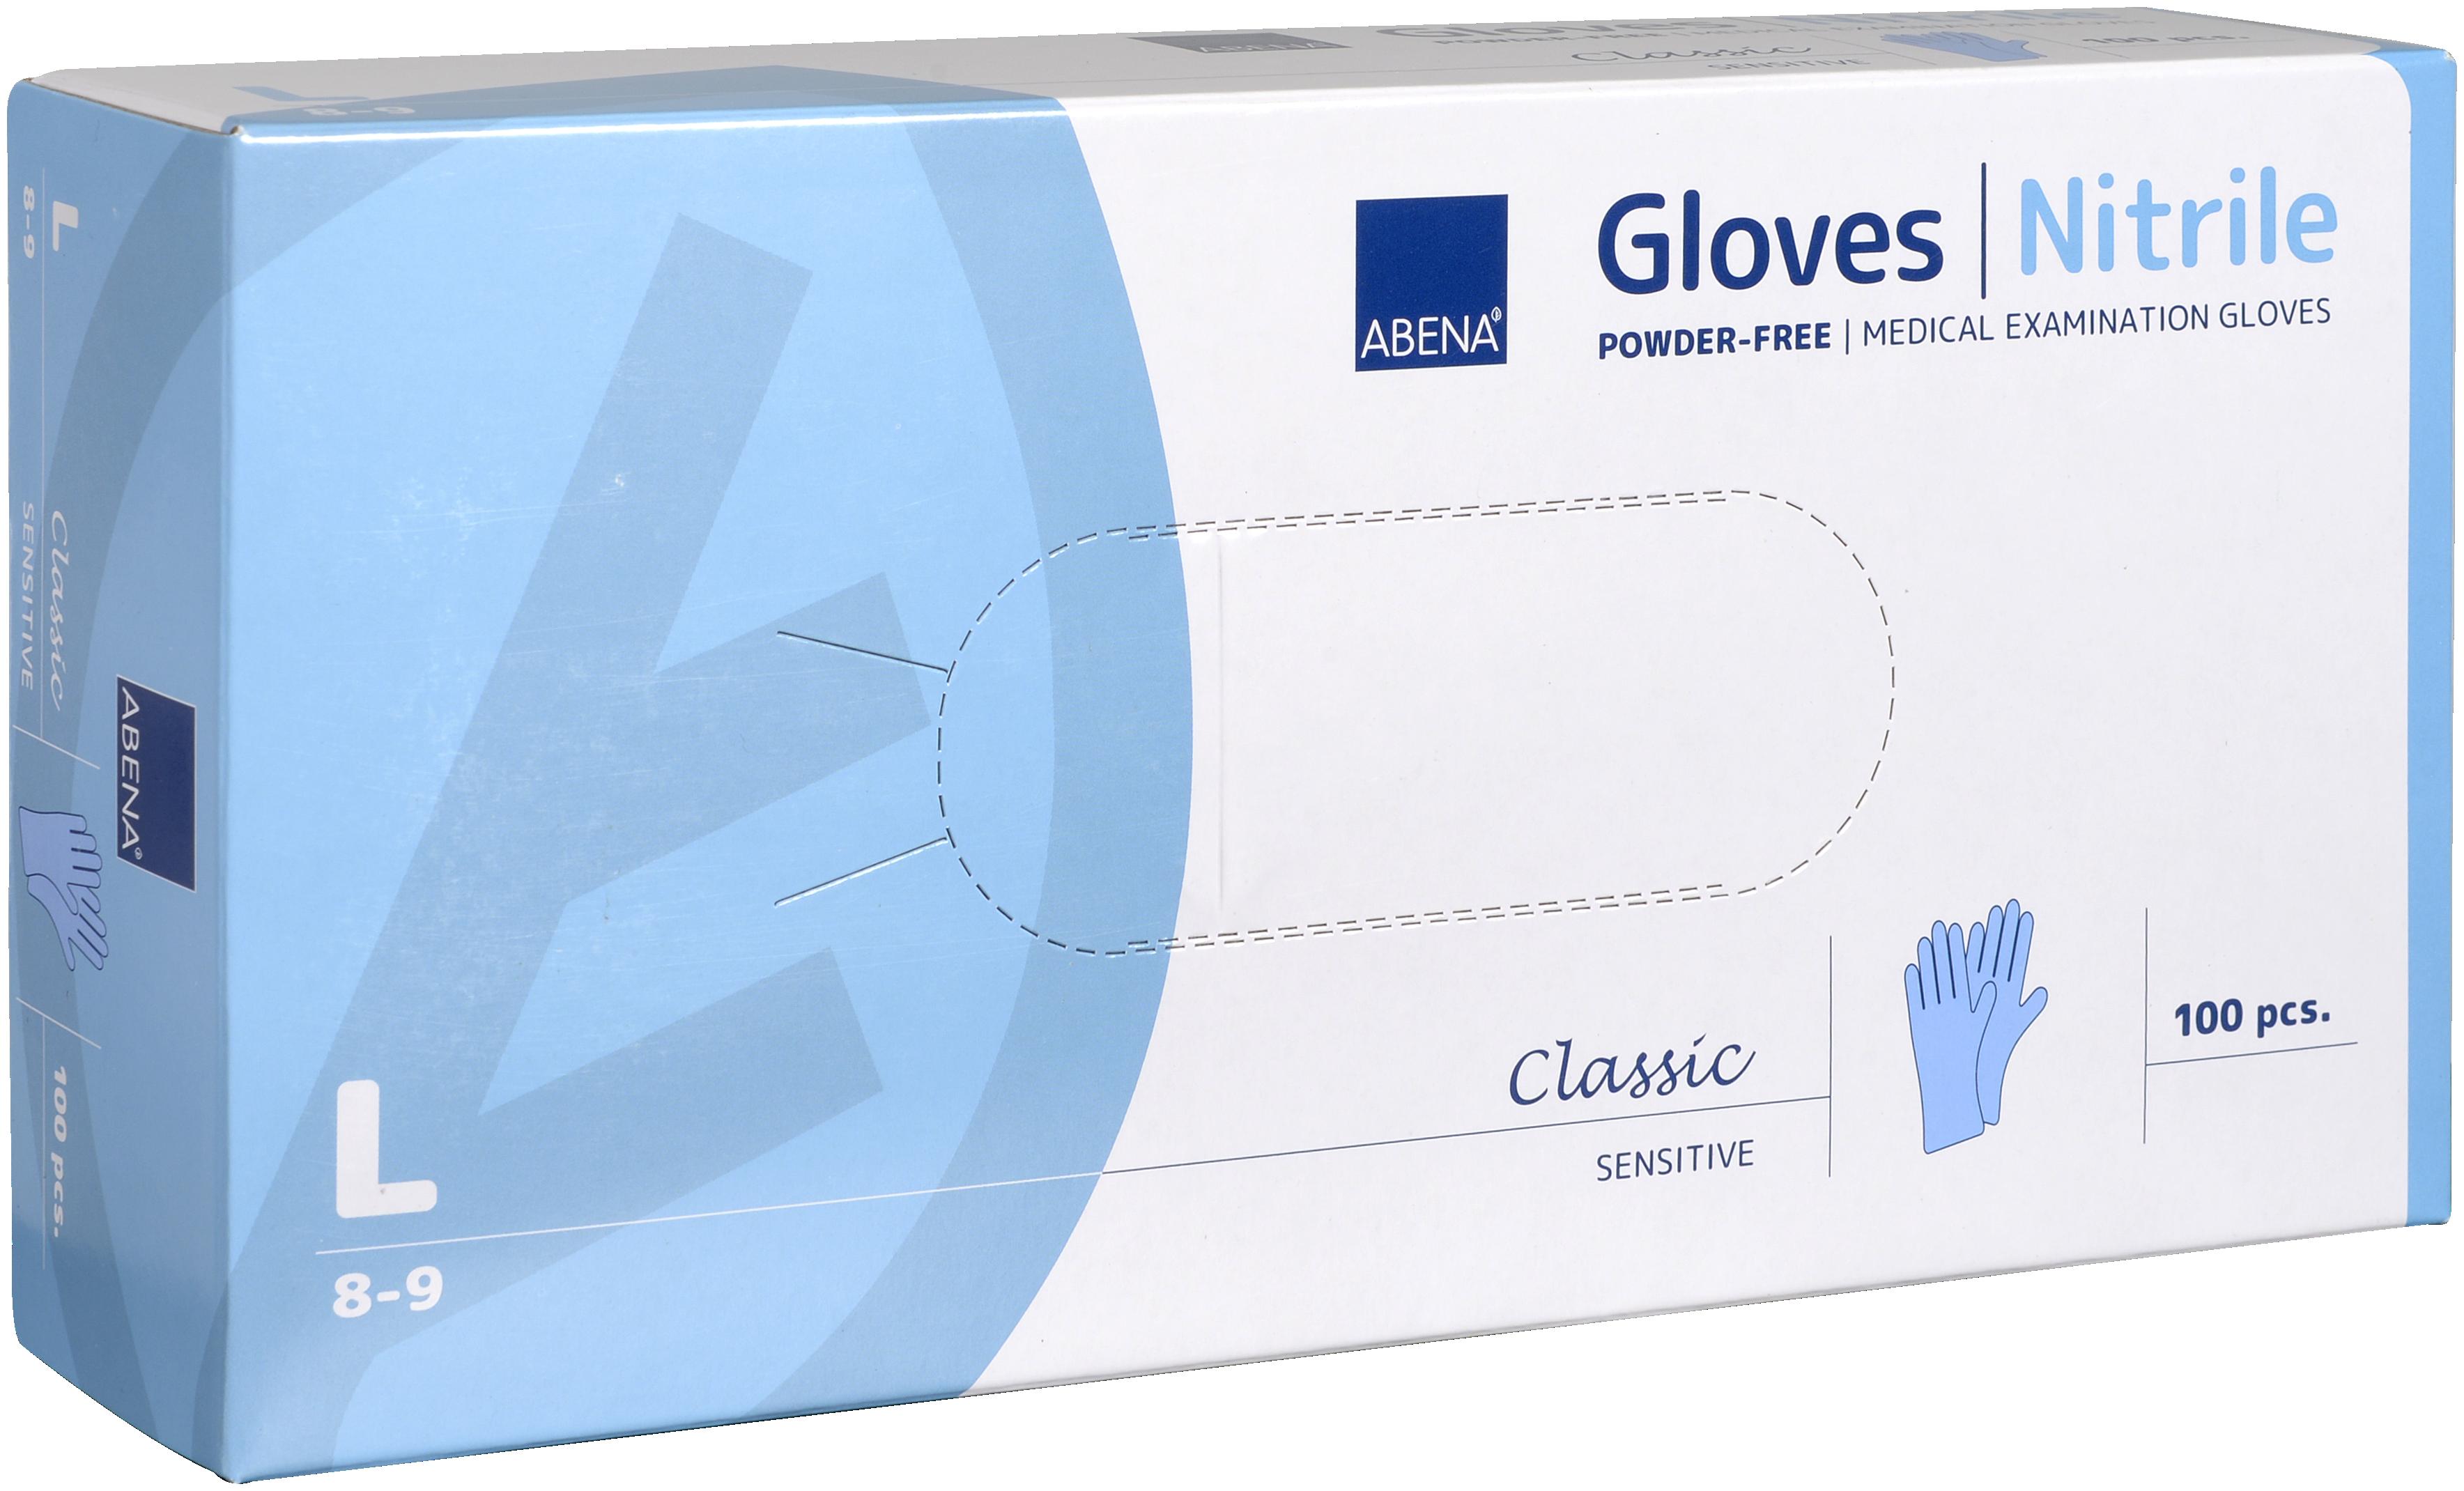 Abena Classic Sensitive Nitril Handschuh Größe L, 10 x 100 Stück, puderfrei, blau, Gr. L